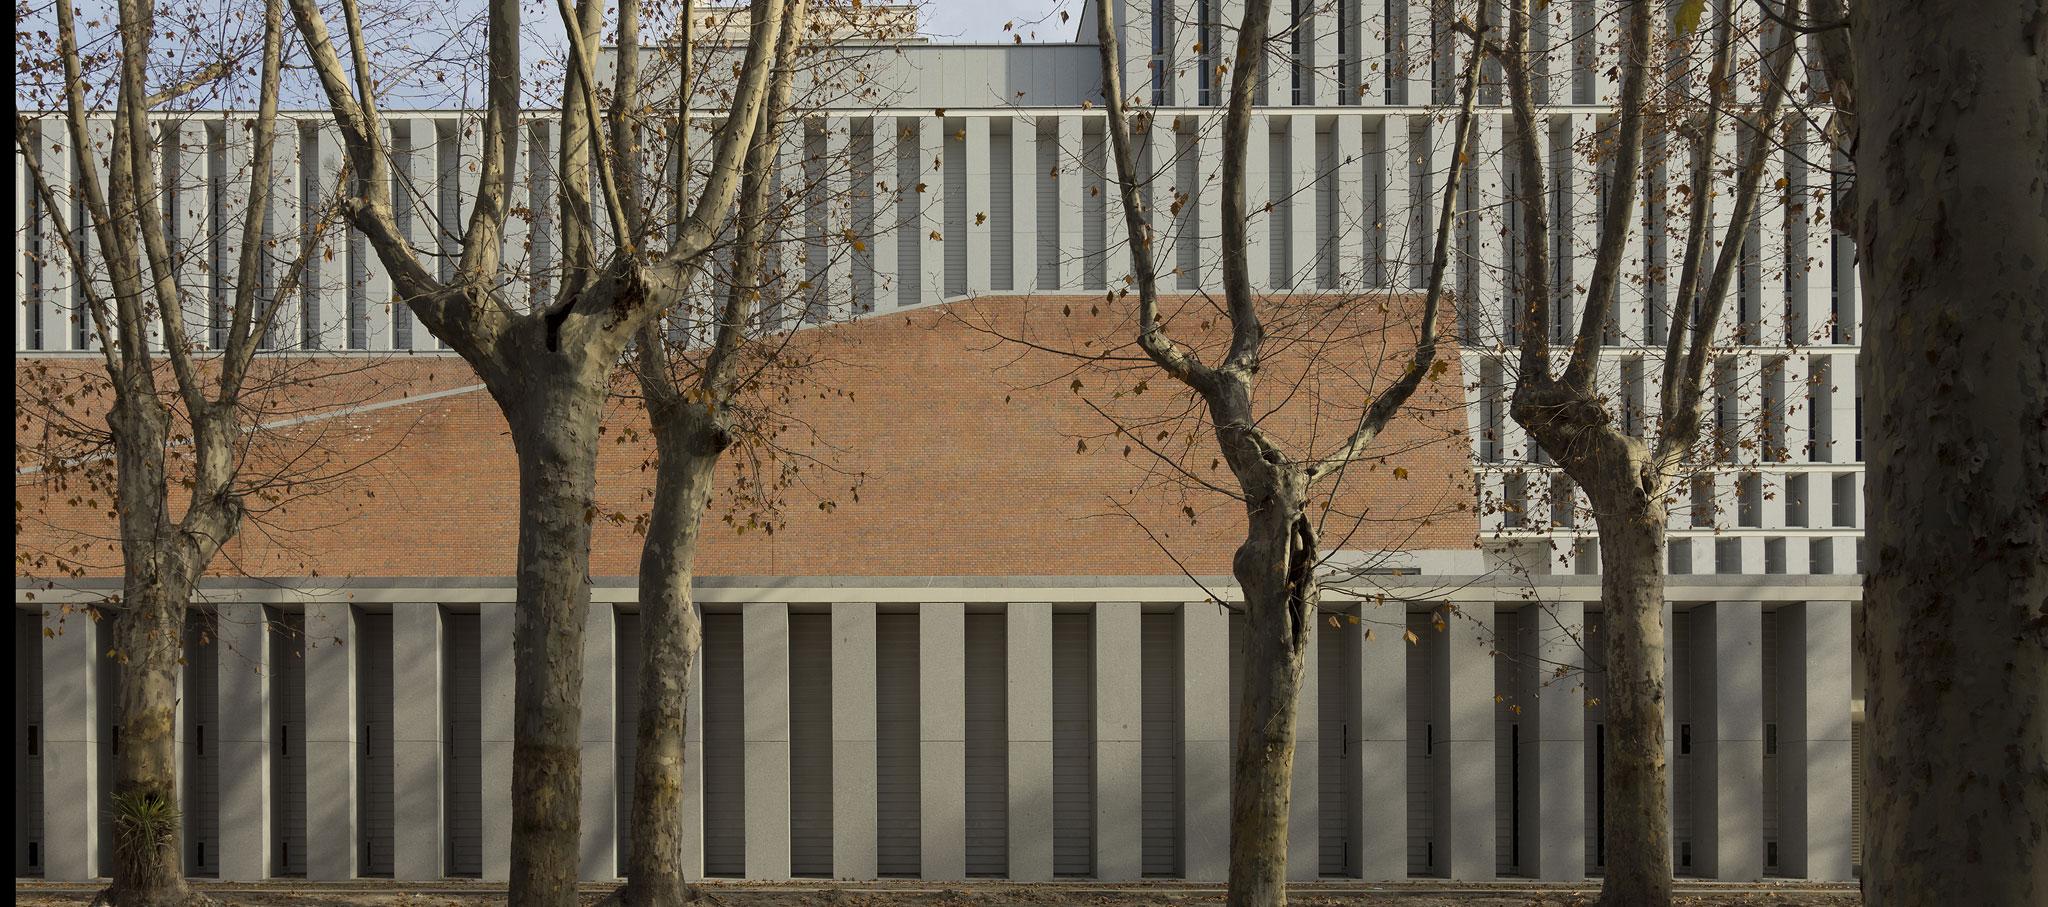 Fachada. Museo de las Colecciones Reales por Emilio Tuñón Álvarez y Luis Moreno García-Mansilla. Fotografía © Luis Asin.